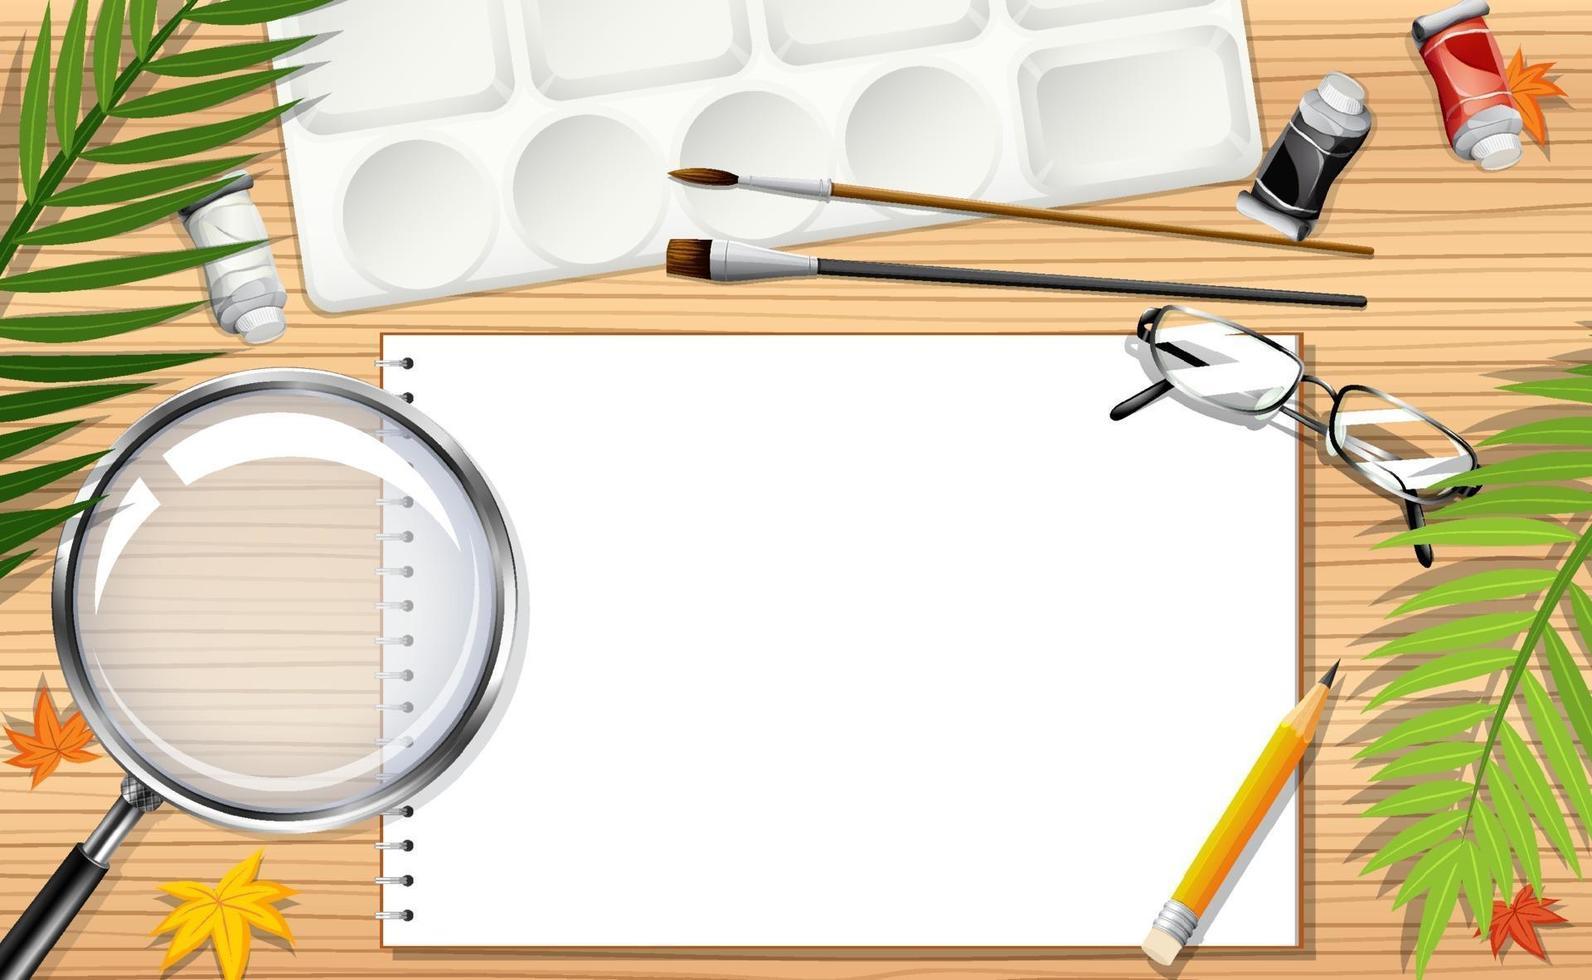 modelo de nota em branco com elementos de papelaria vetor